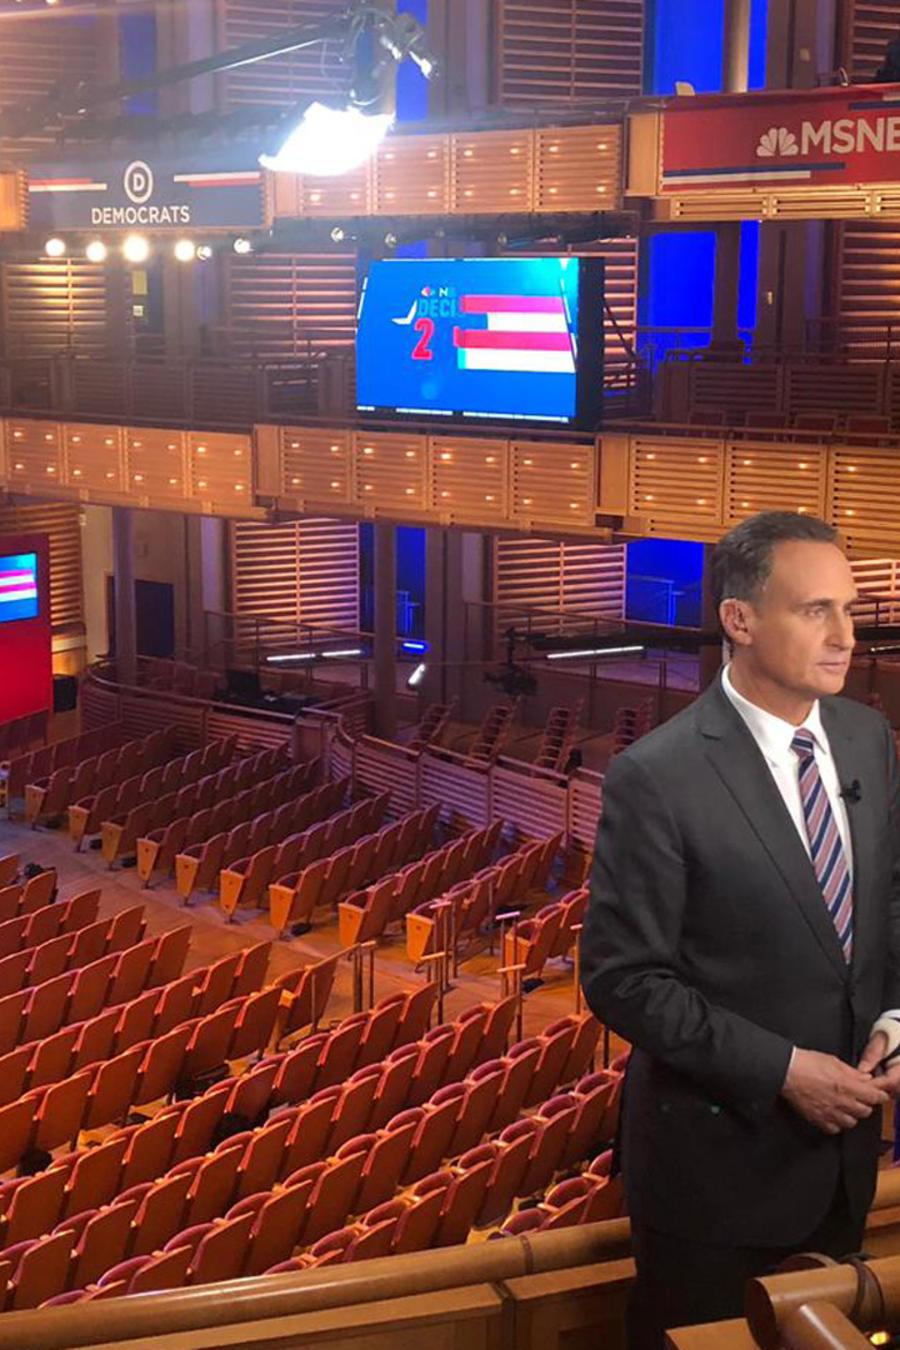 José Díaz-Balart en el escenario donde se llevará a cabo el primer debate demócrata